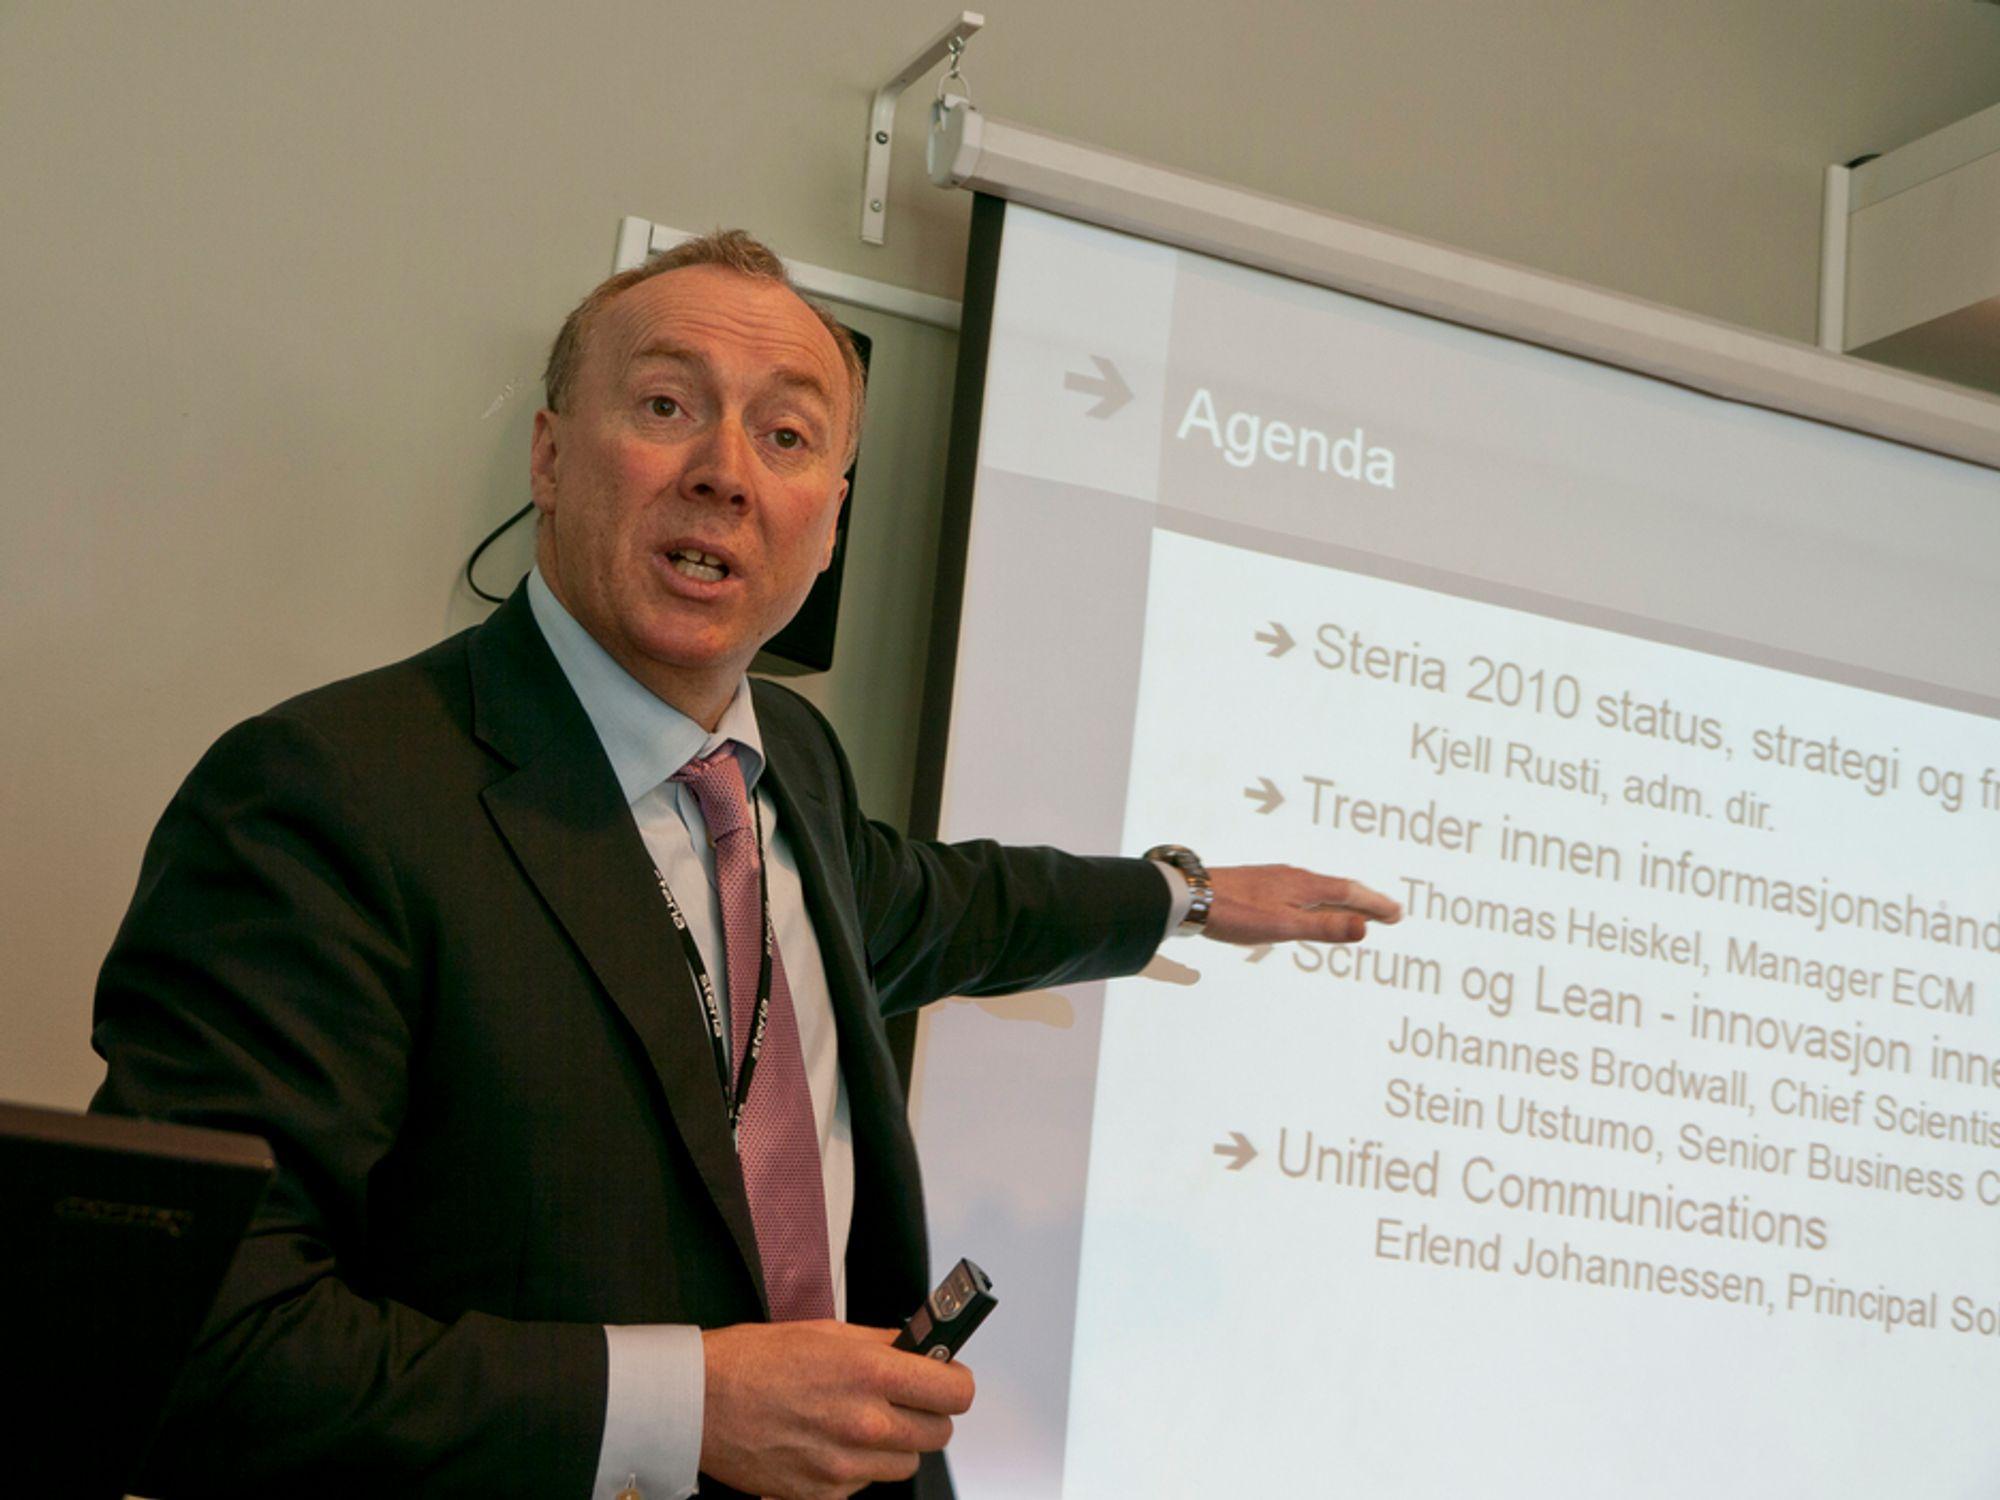 HØSTER: Steria-sjef Kjell Rusti høster en rekke offentlige it-kontrakter.